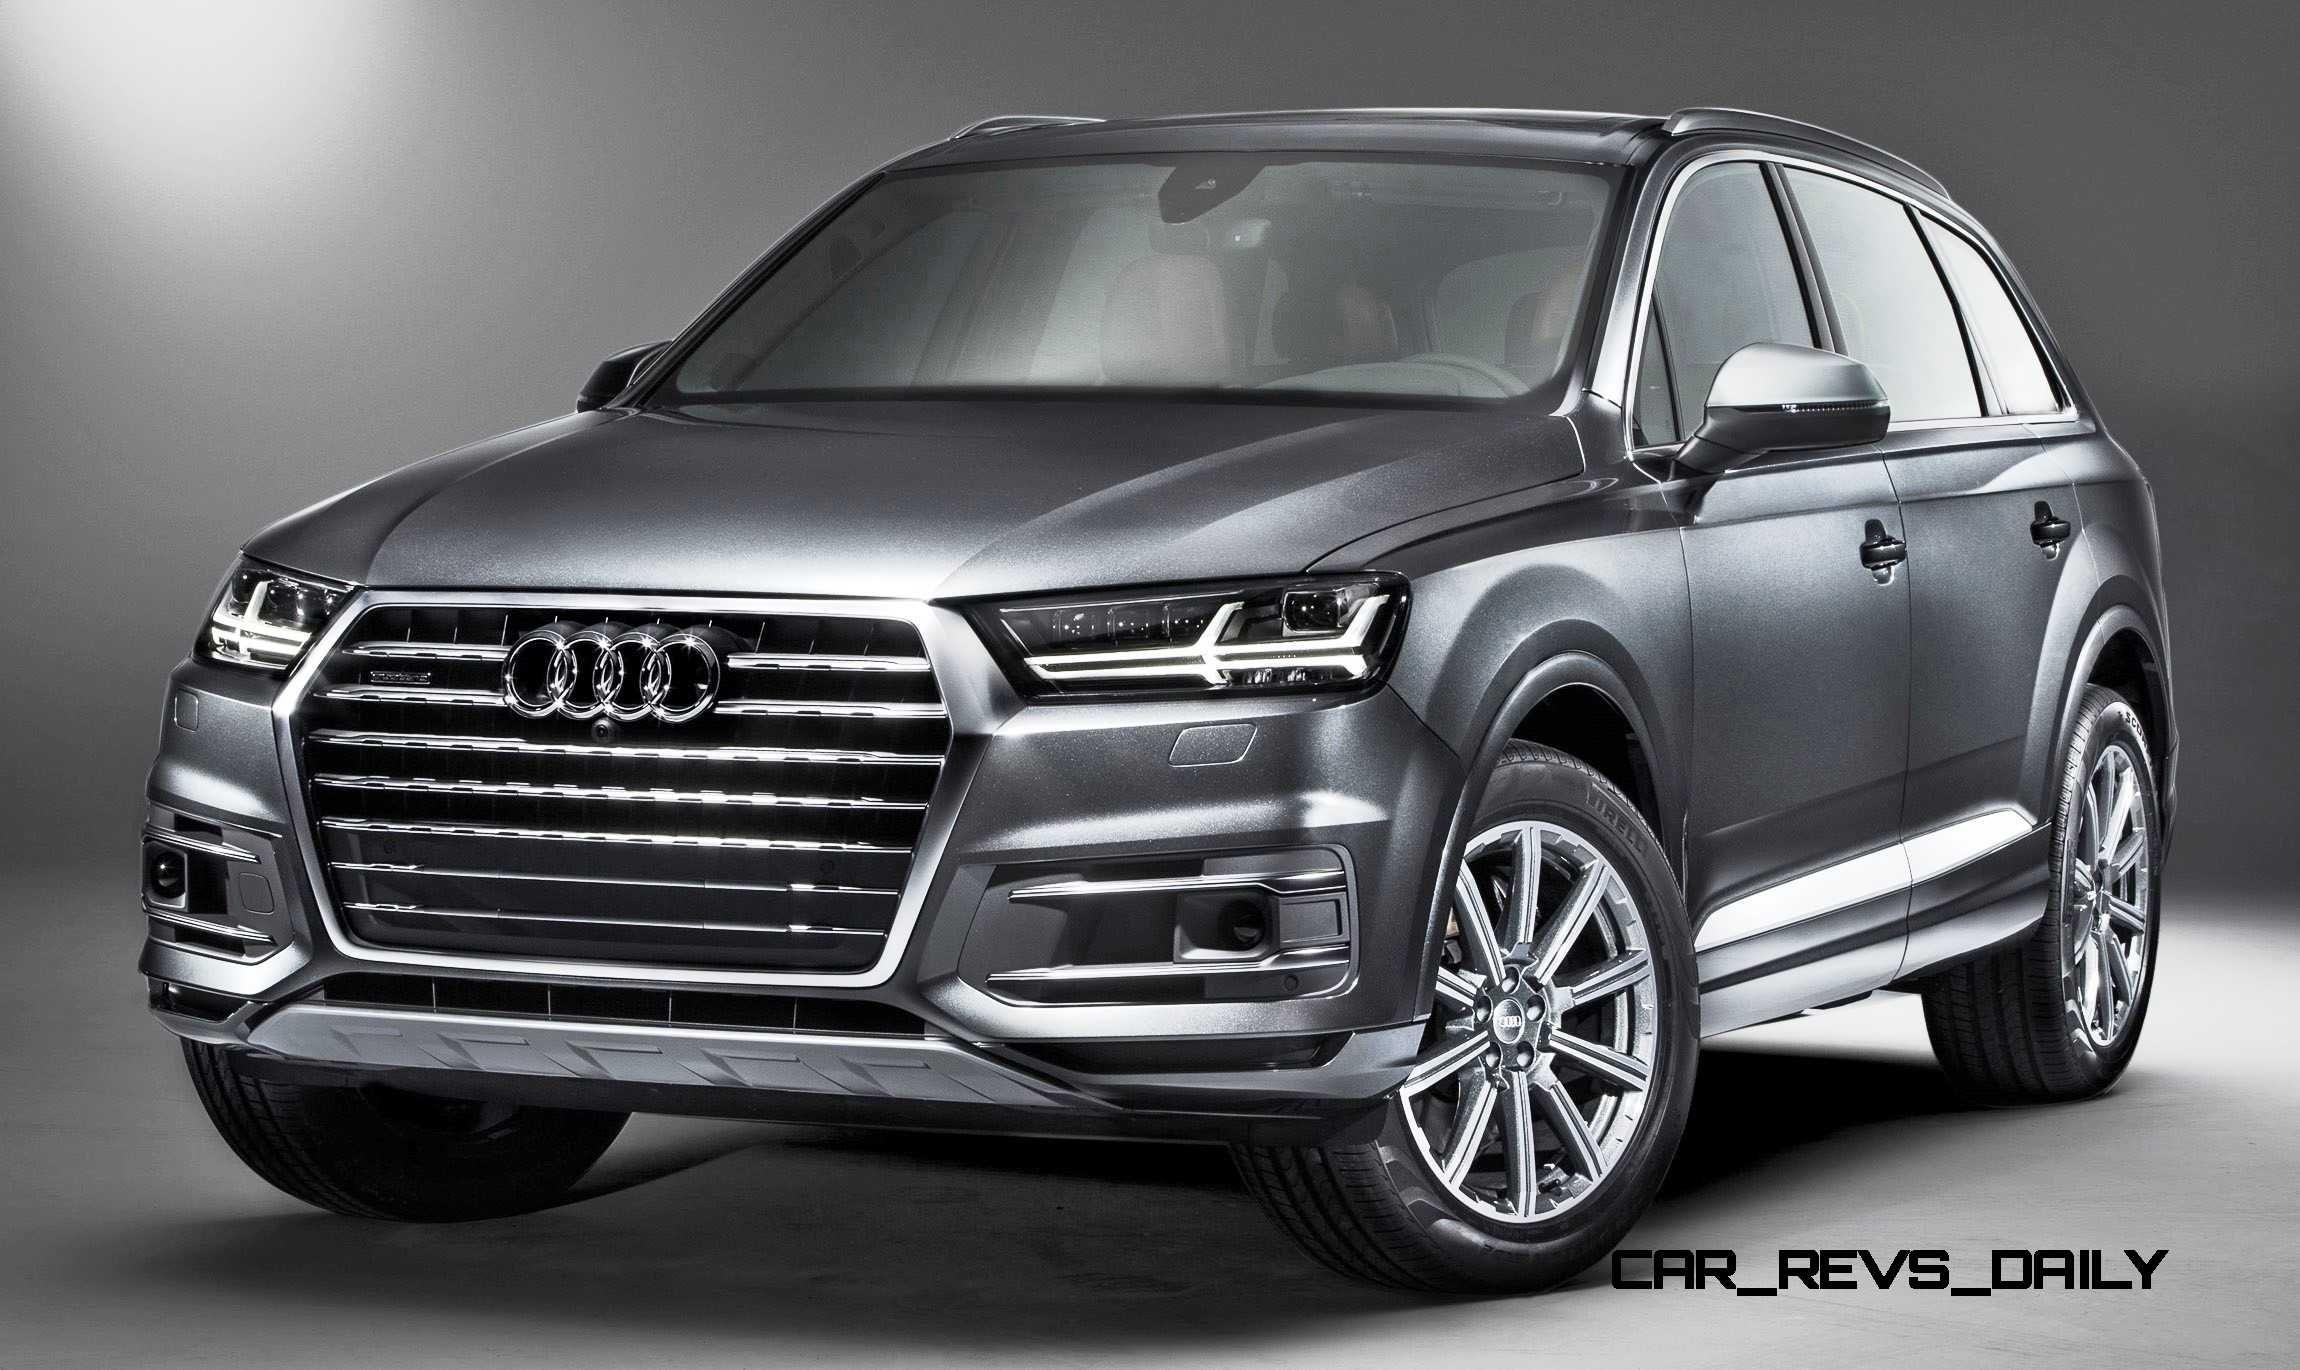 Kelebihan Kekurangan Audi Q7 Etron Tangguh